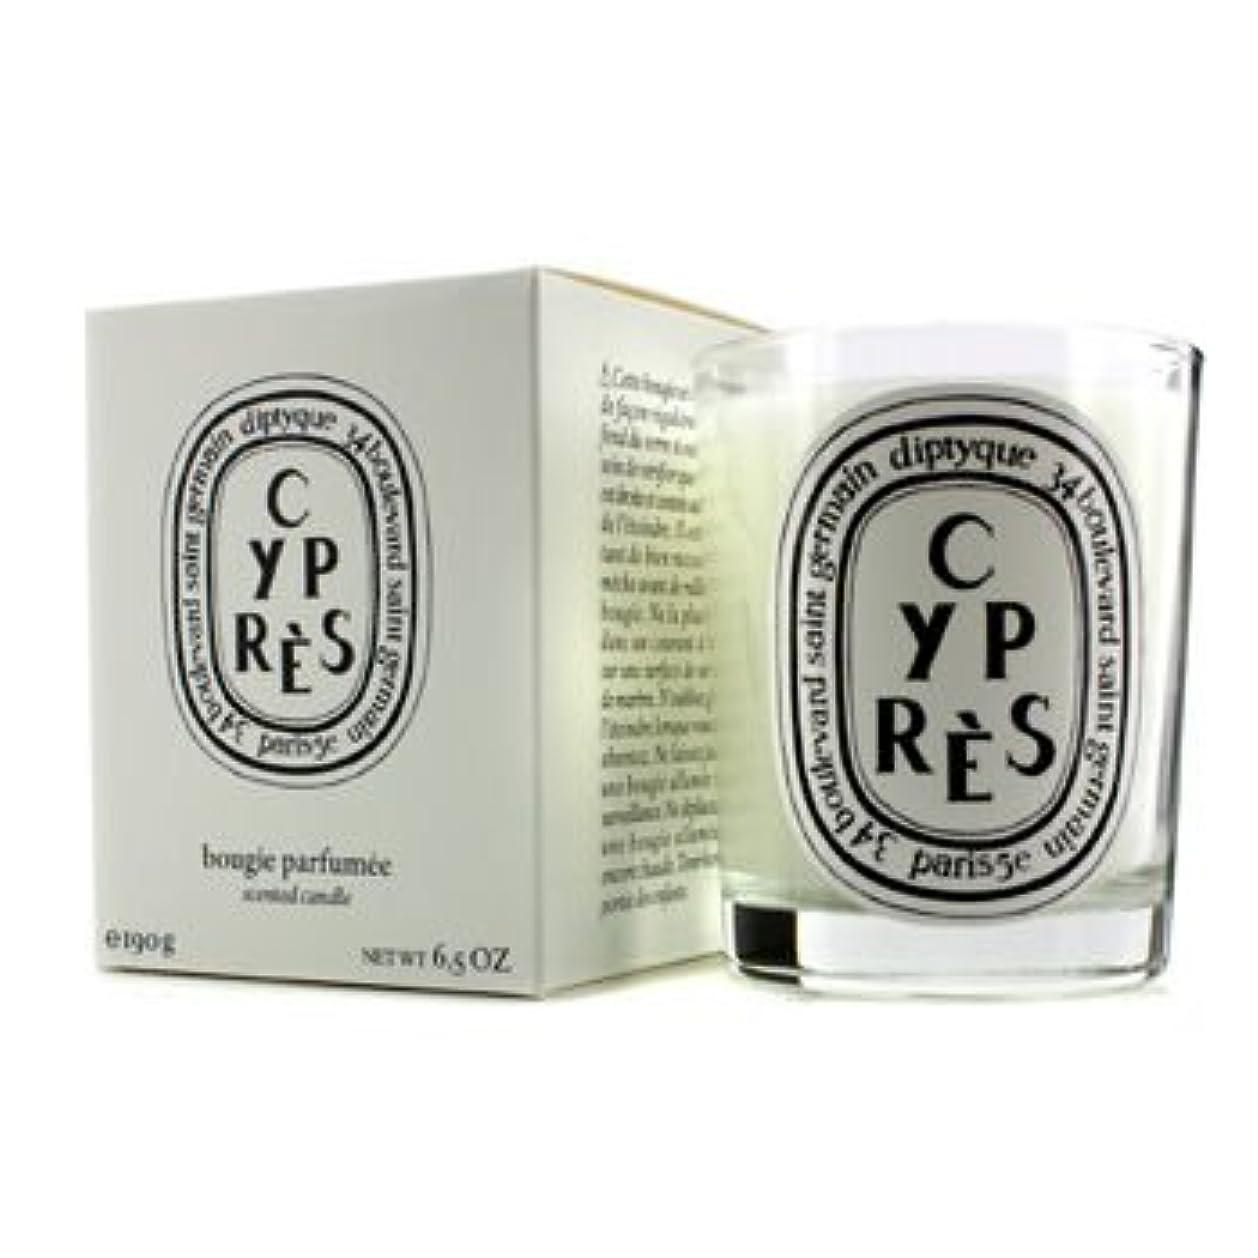 責暗いスリラー[Diptyque] Scented Candle - Cypres (Cypress) 190g/6.5oz